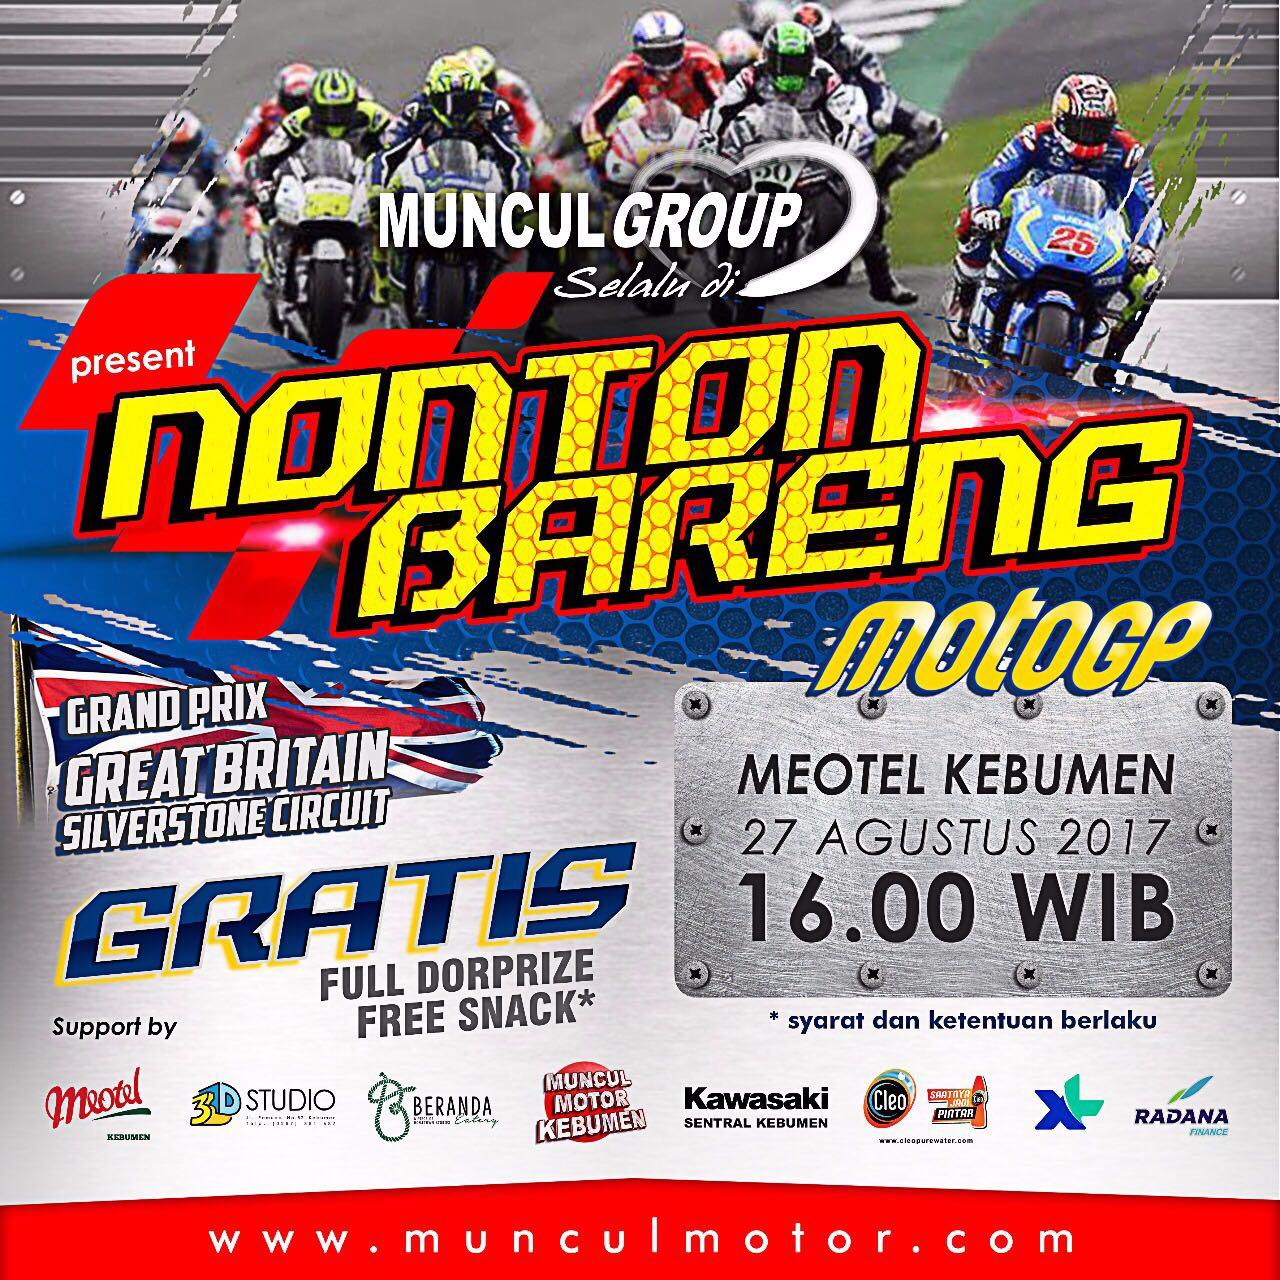 Muncul Group Bakal Gelar Nobar MotoGP di Meotel Kebumen